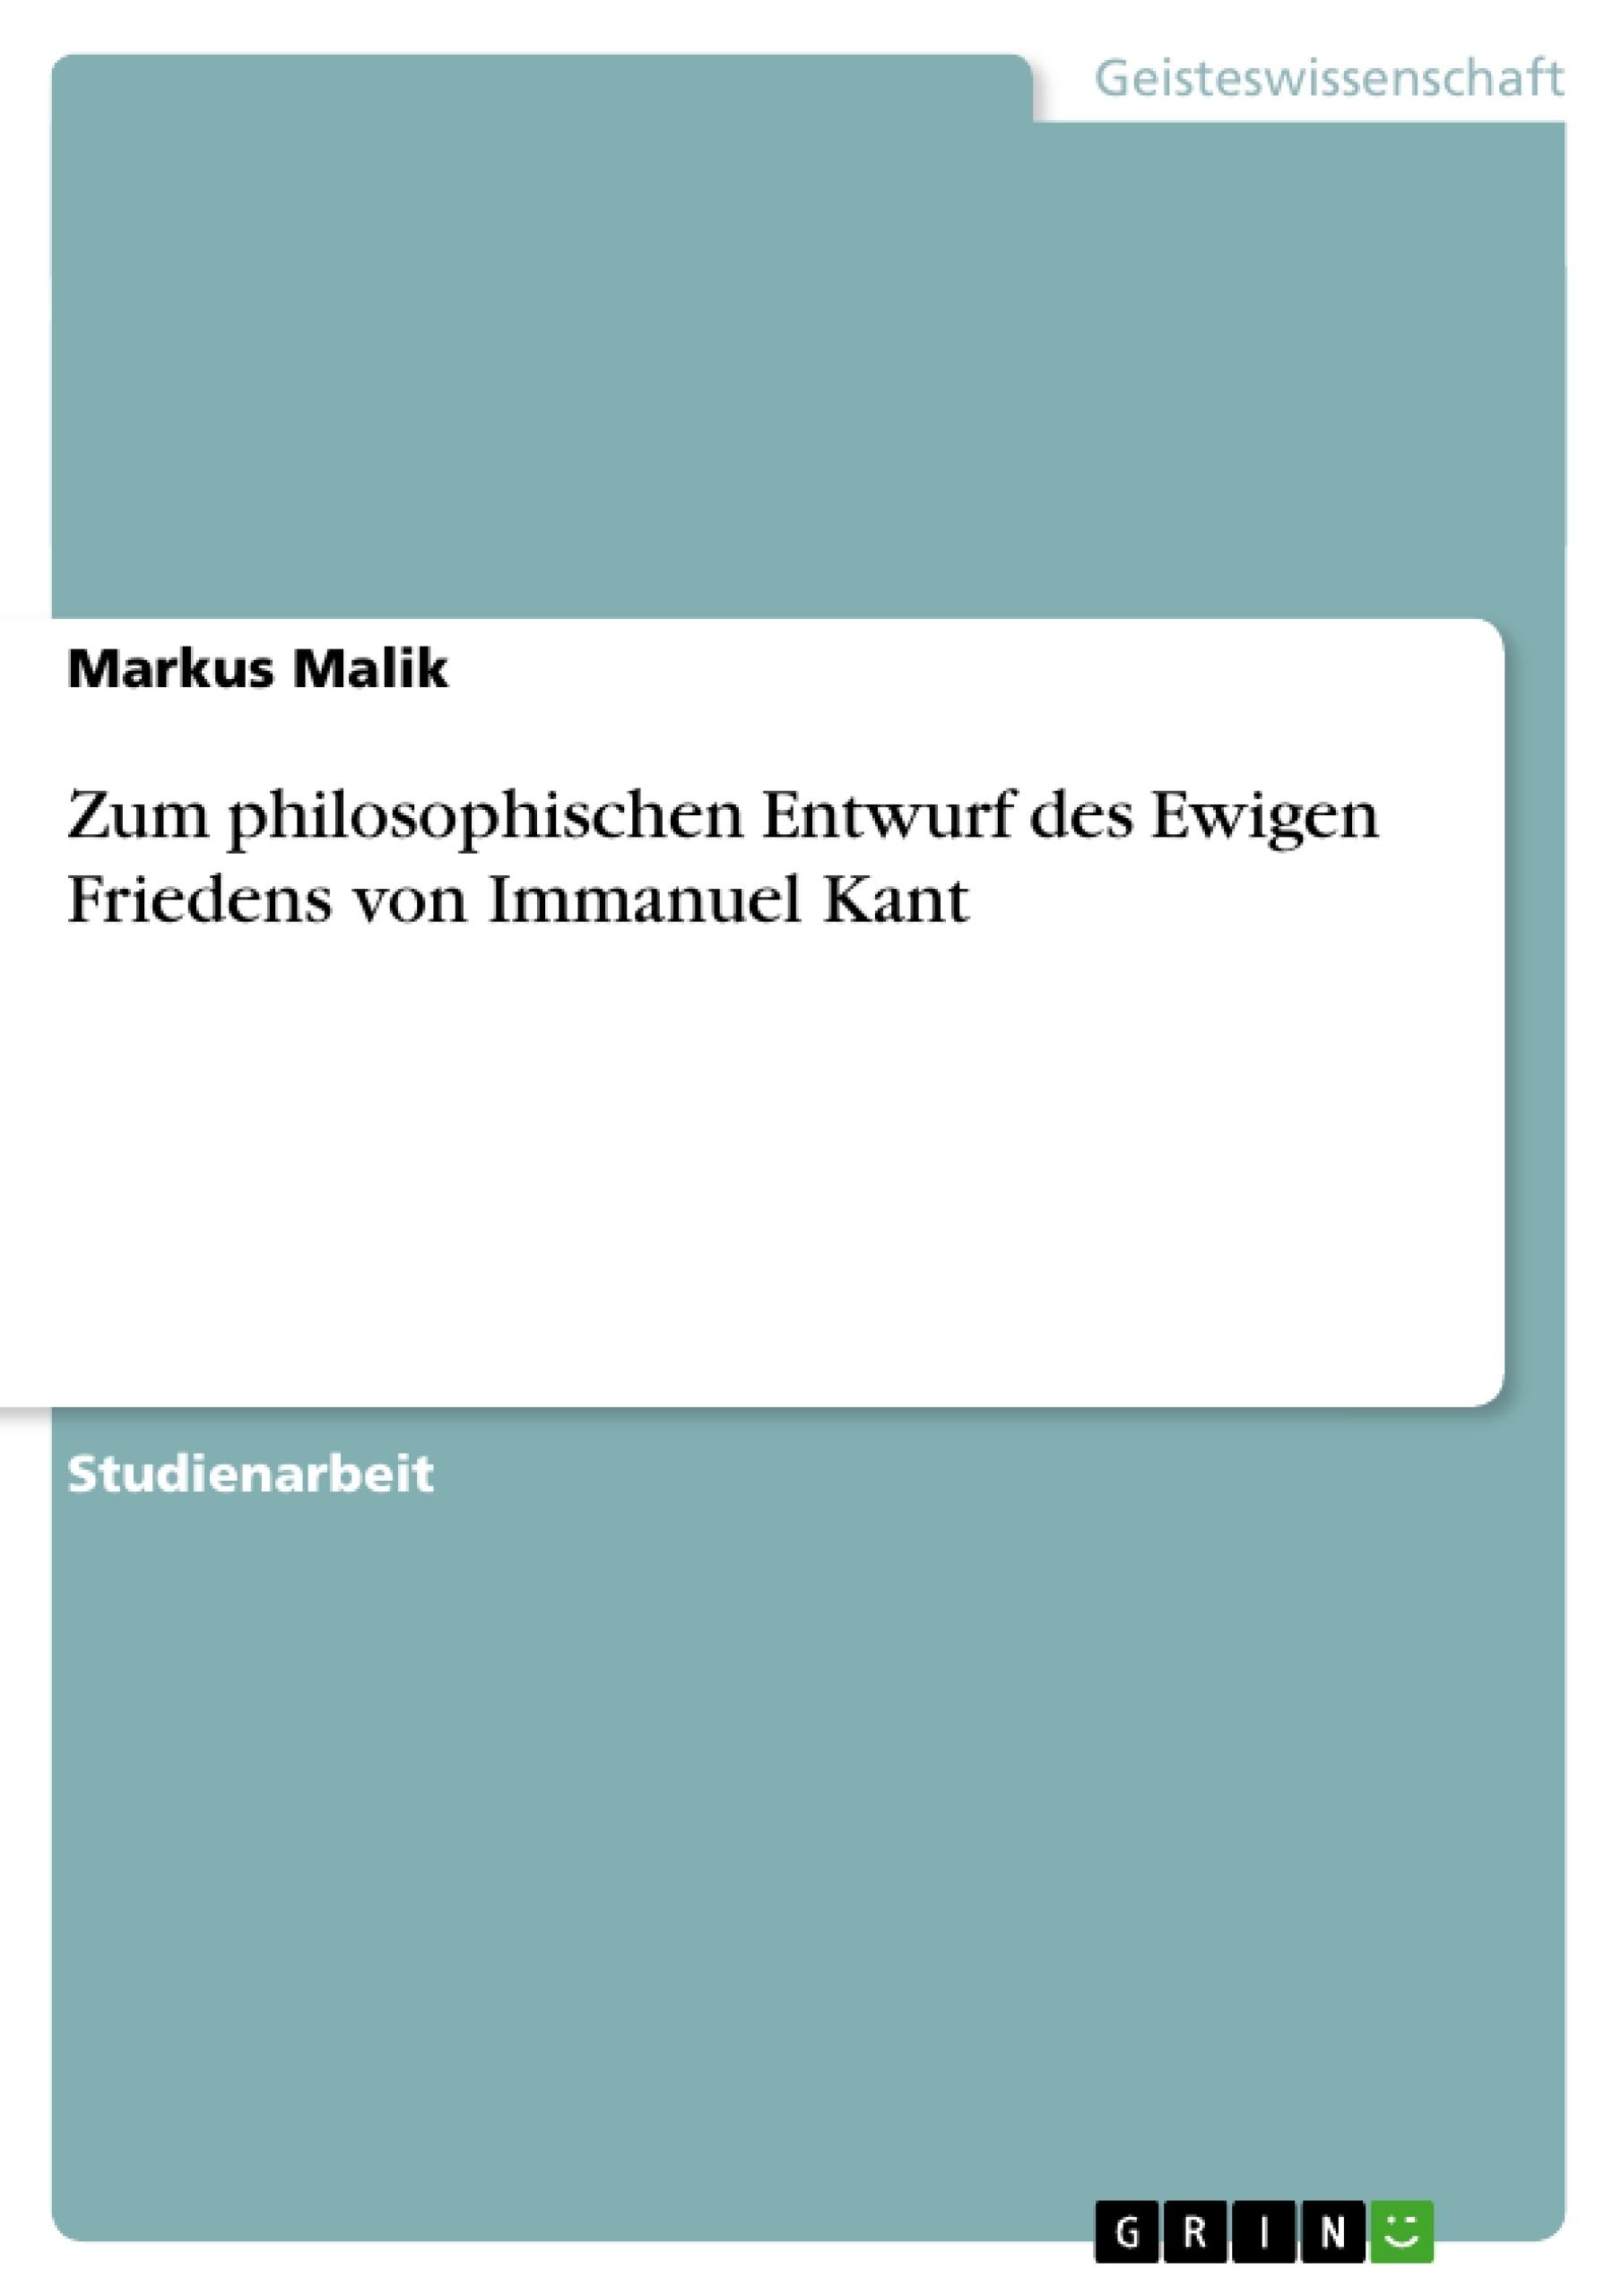 Titel: Zum philosophischen Entwurf des Ewigen Friedens von Immanuel Kant